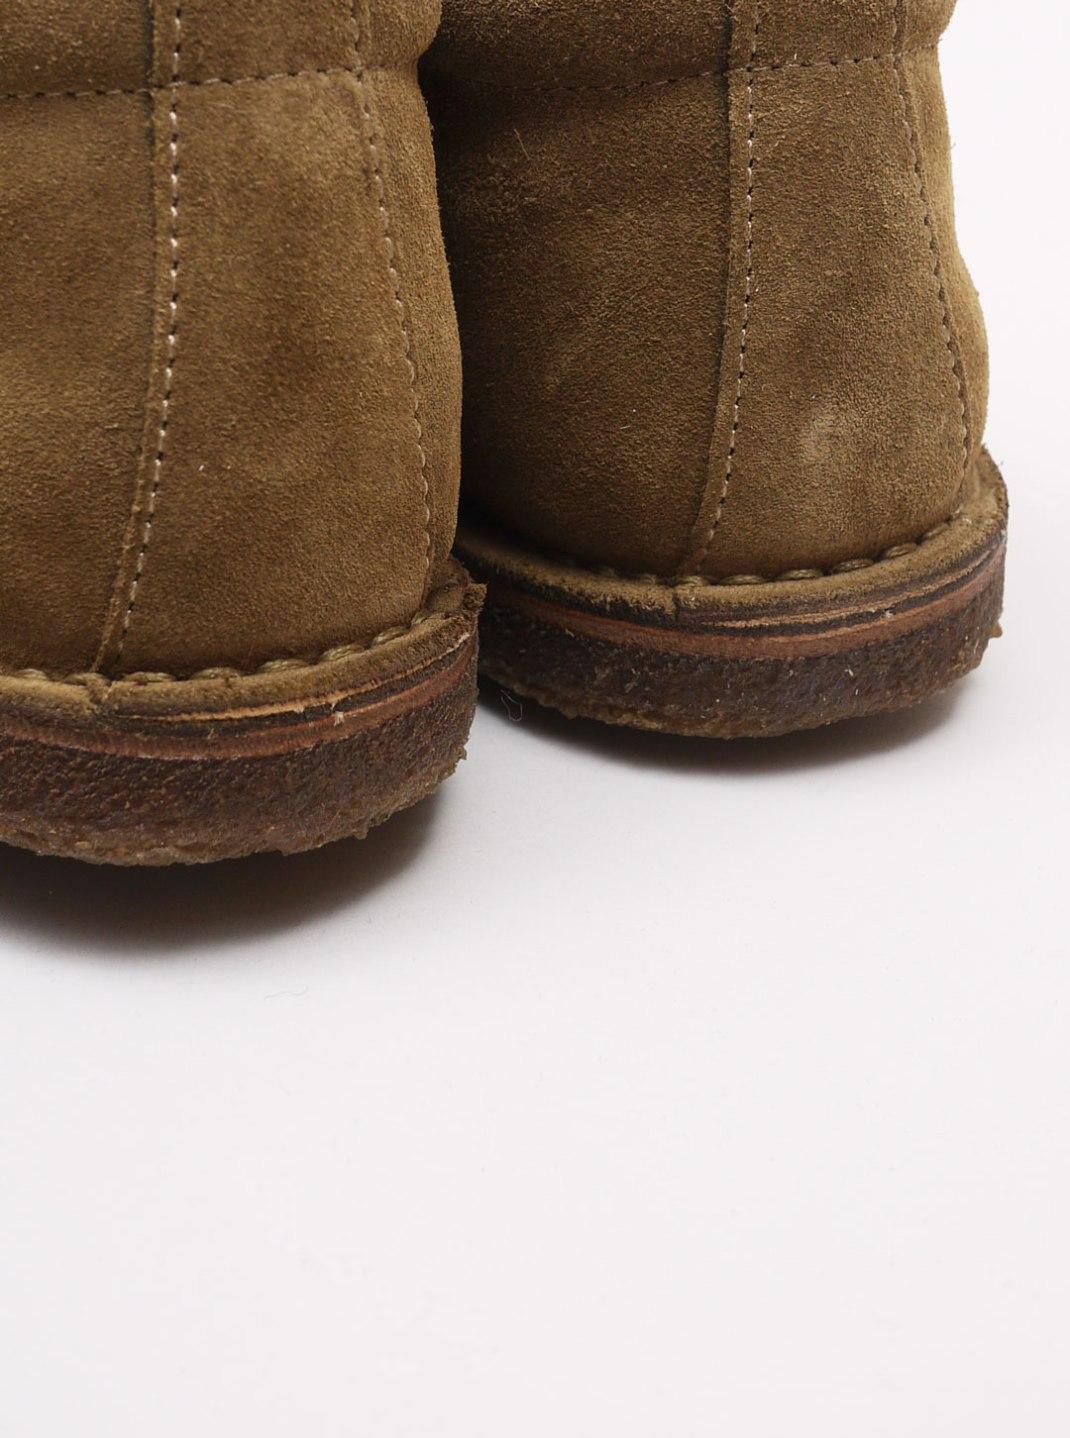 14413_shoes-patti-d3